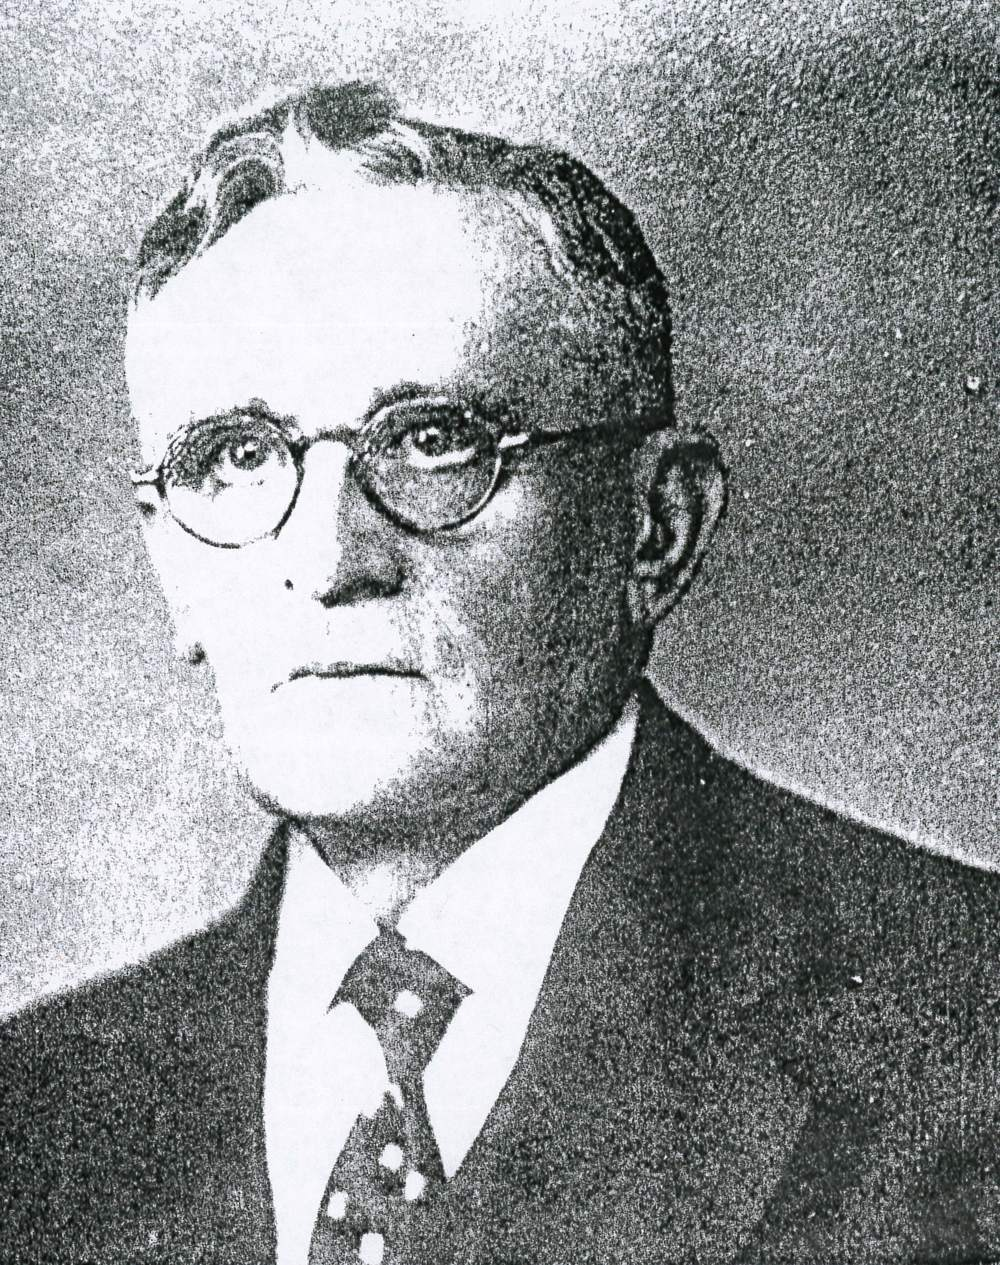 Rev. Henry Schuessler